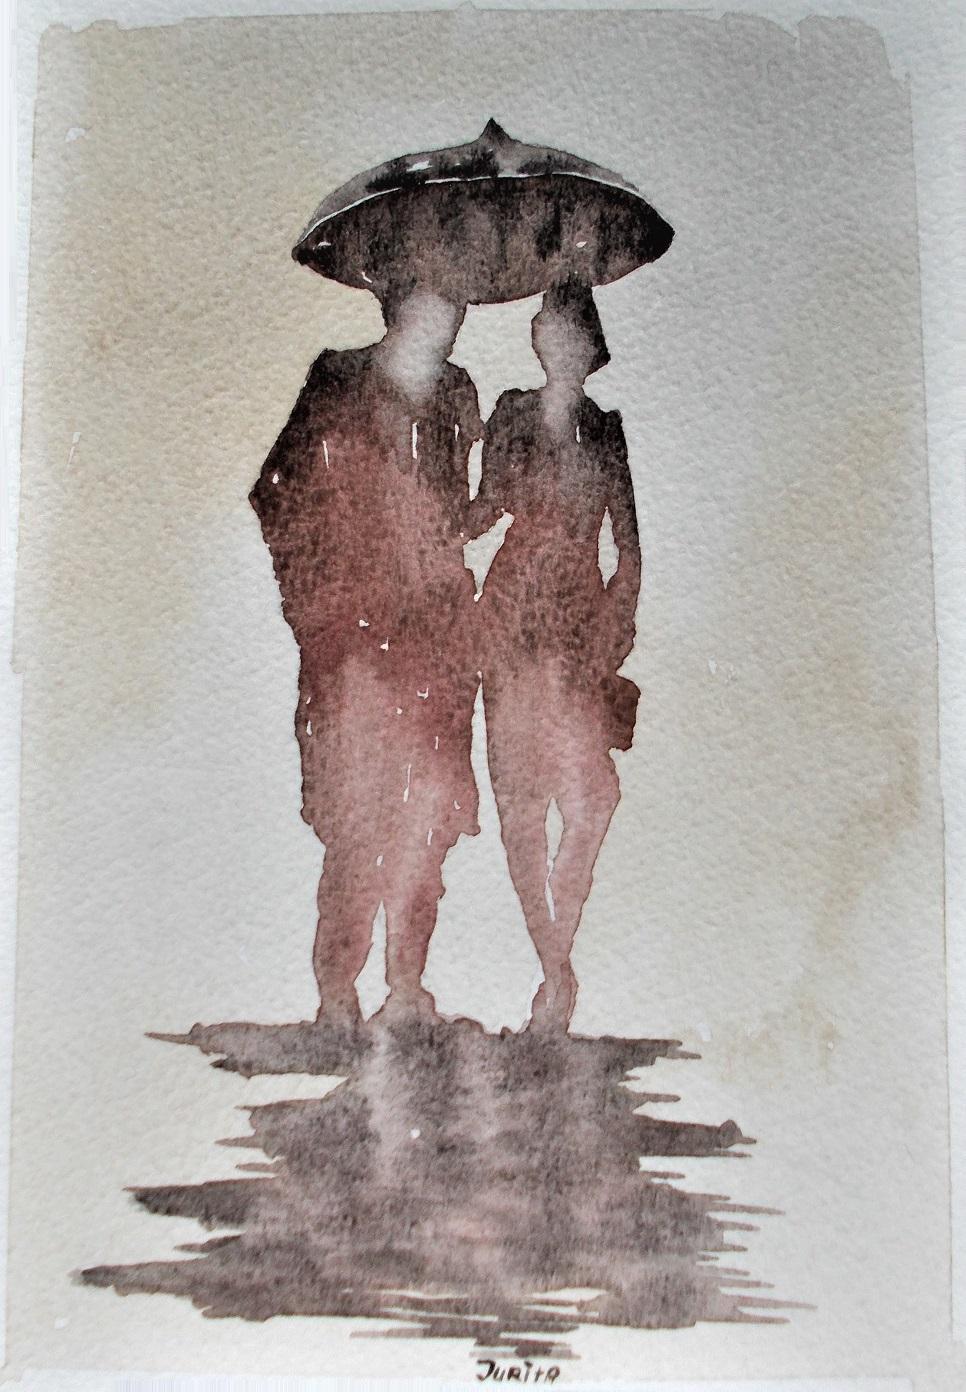 Love Rain, Jurita Kalite, 2017, watercolor